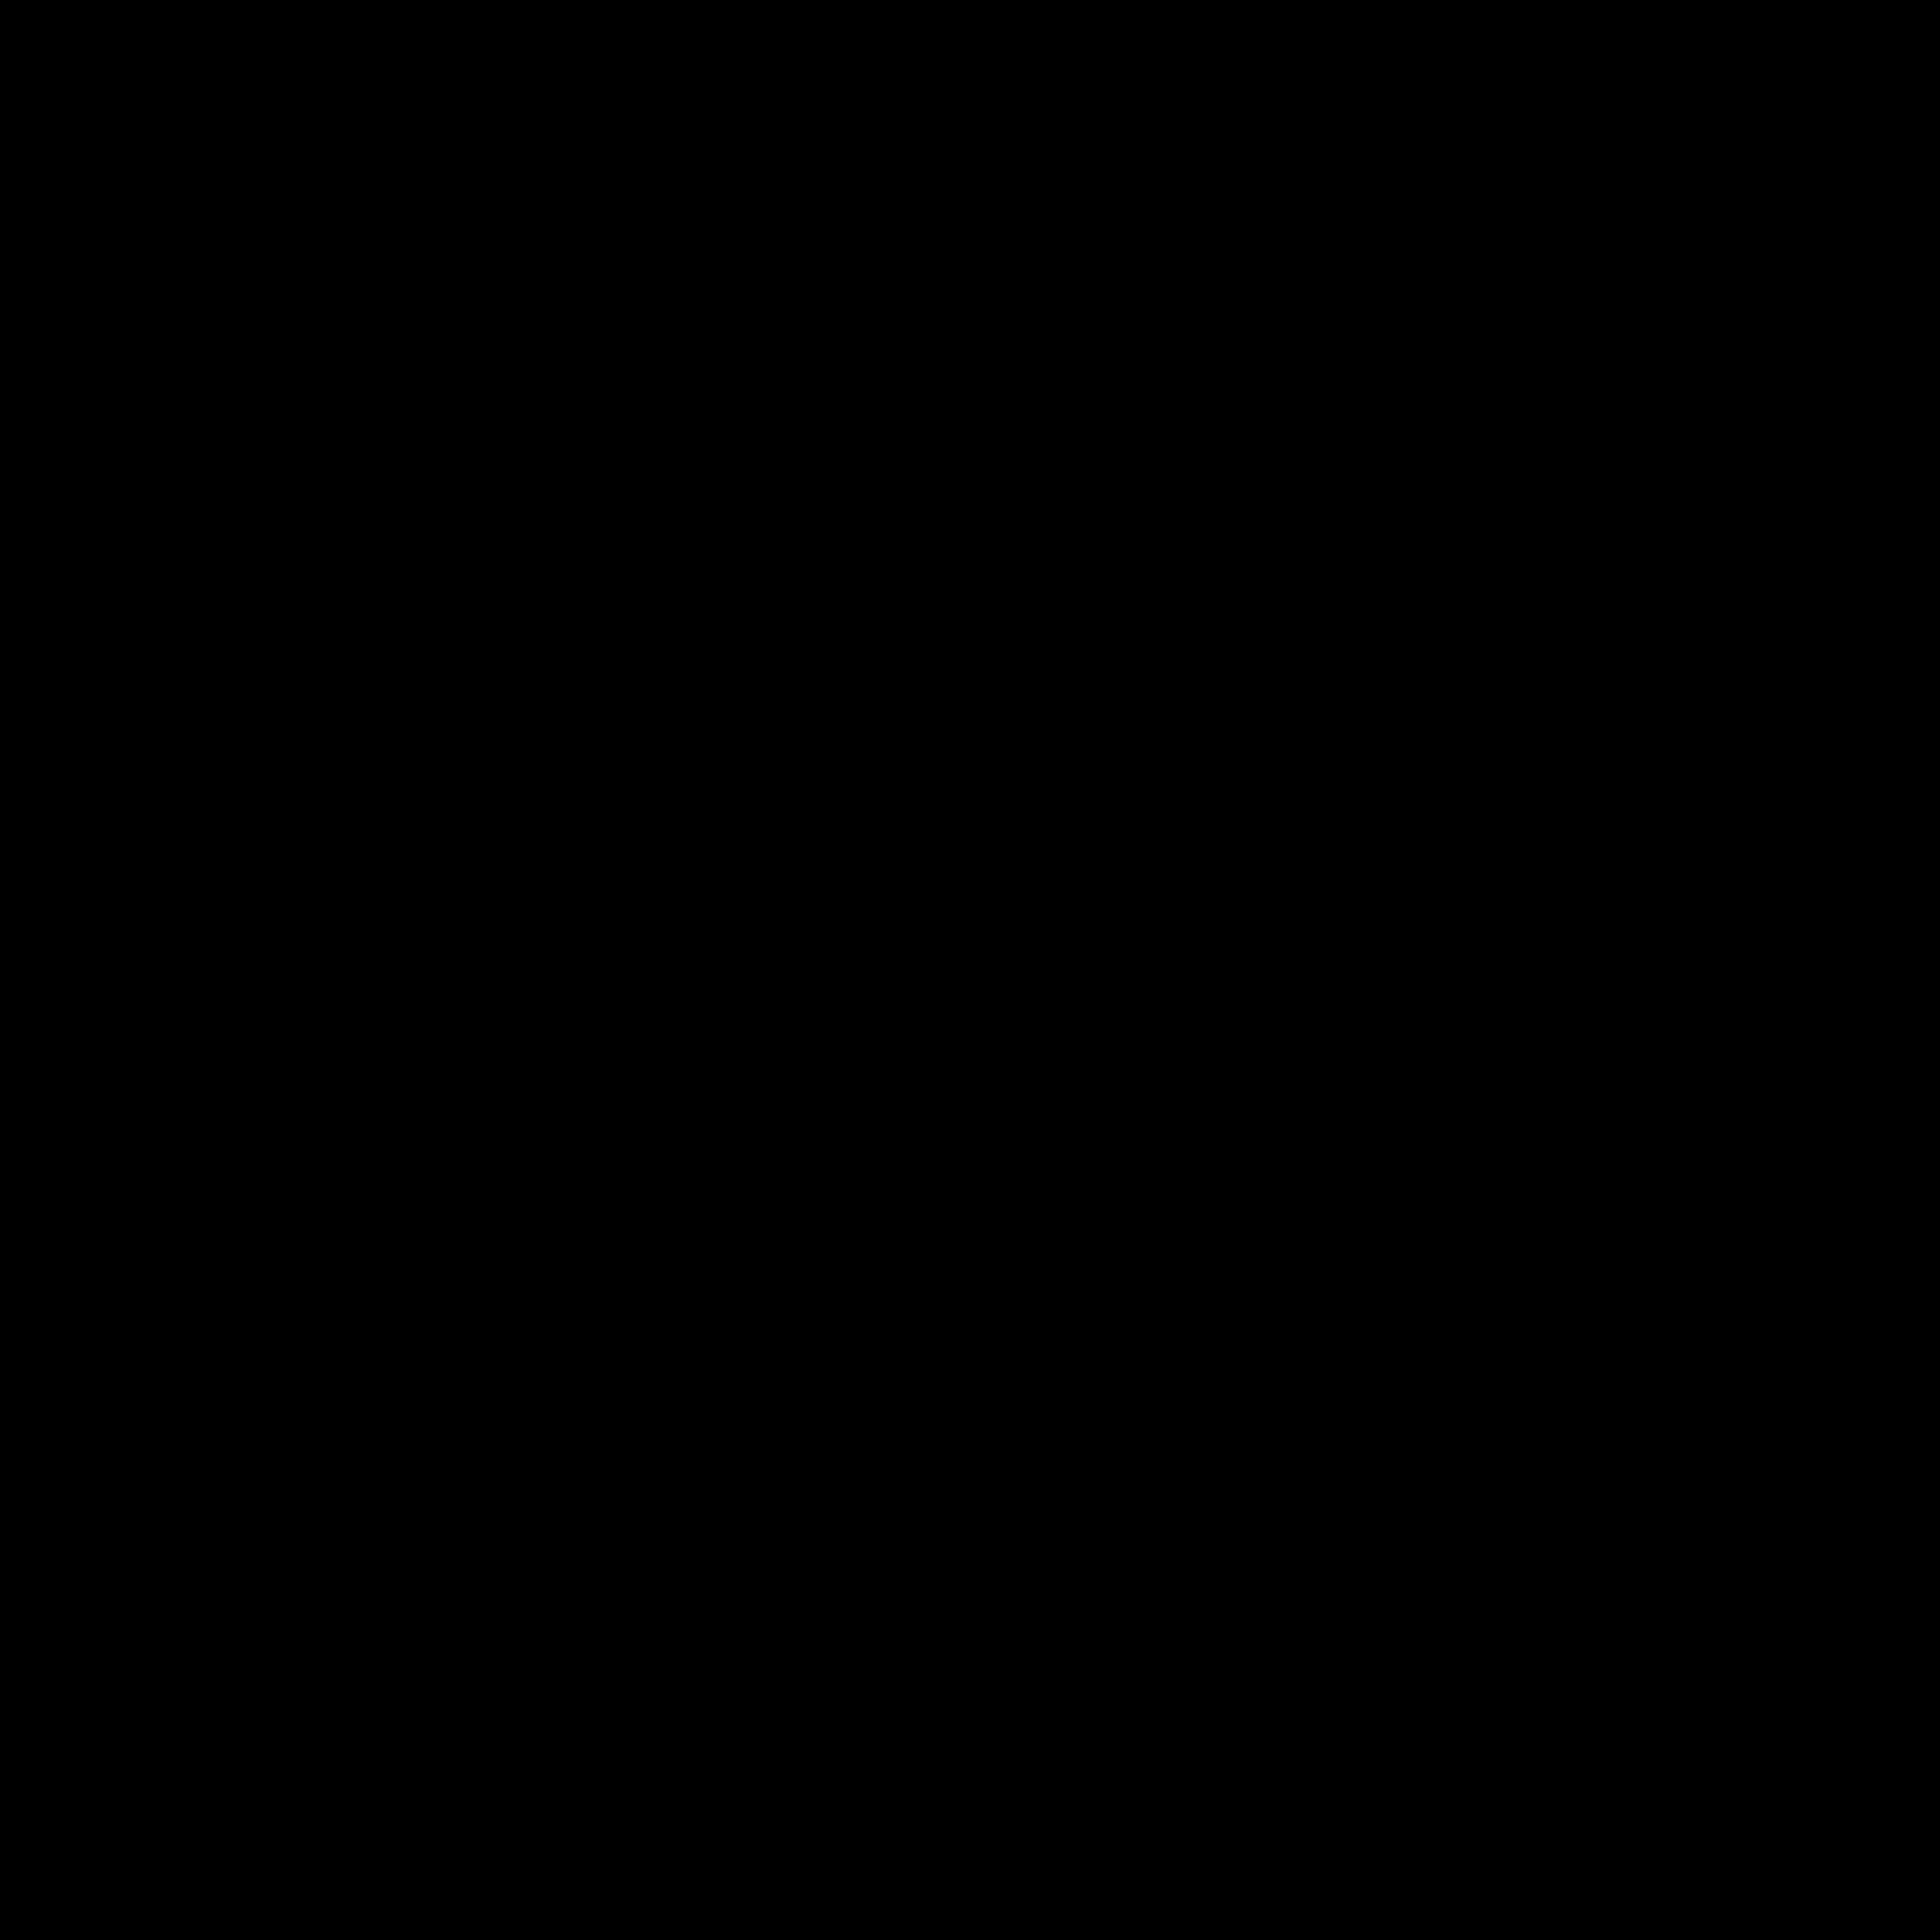 MD-383-C